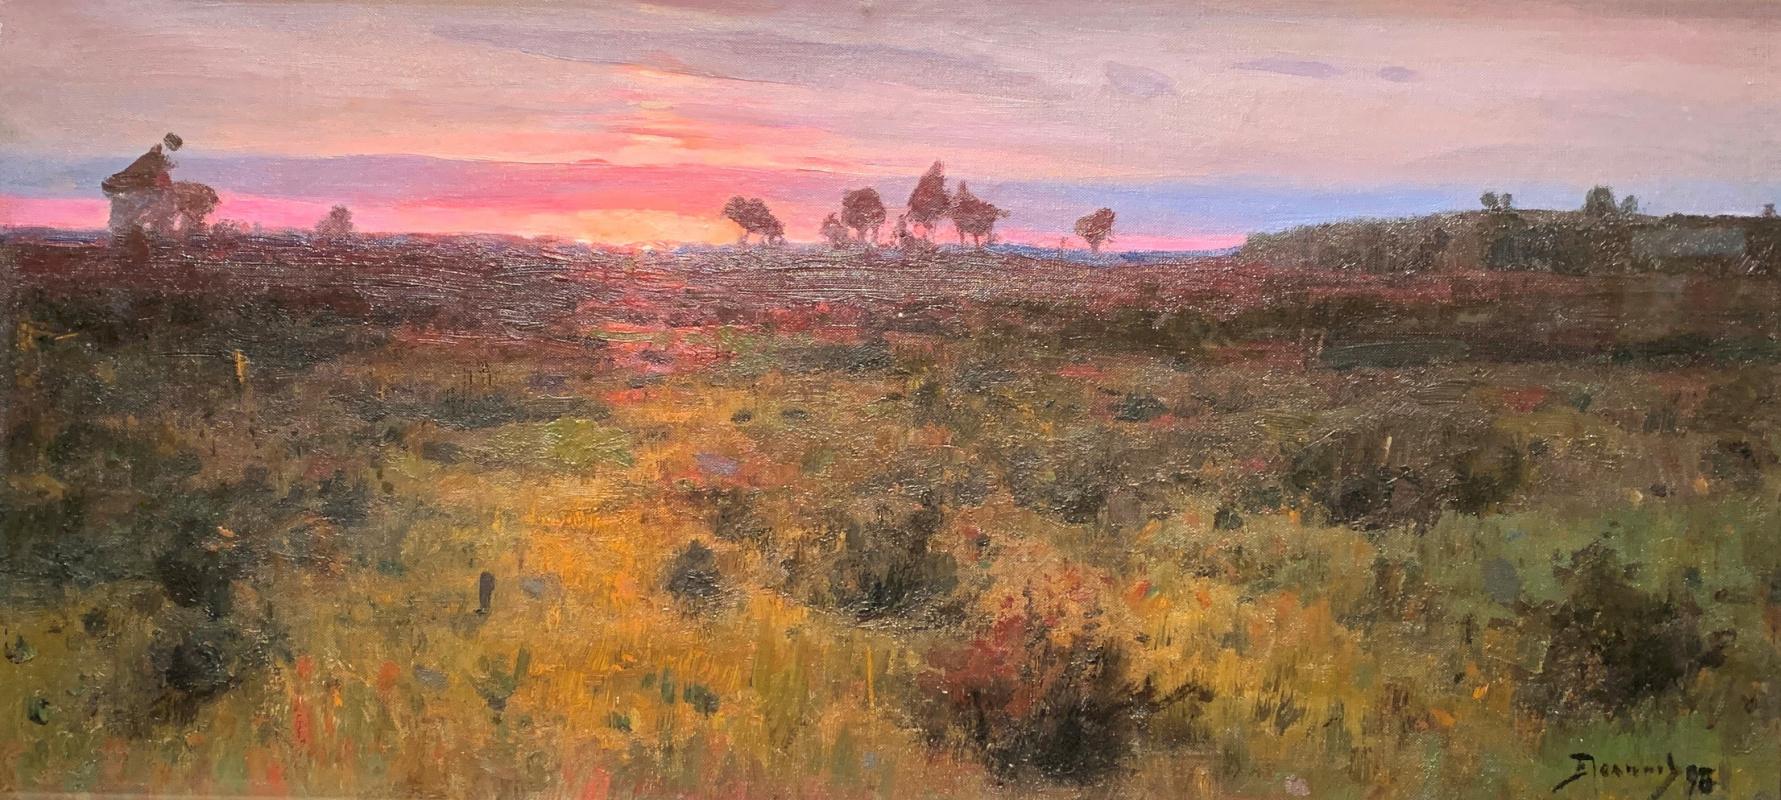 Vasily Polenov. Sunset